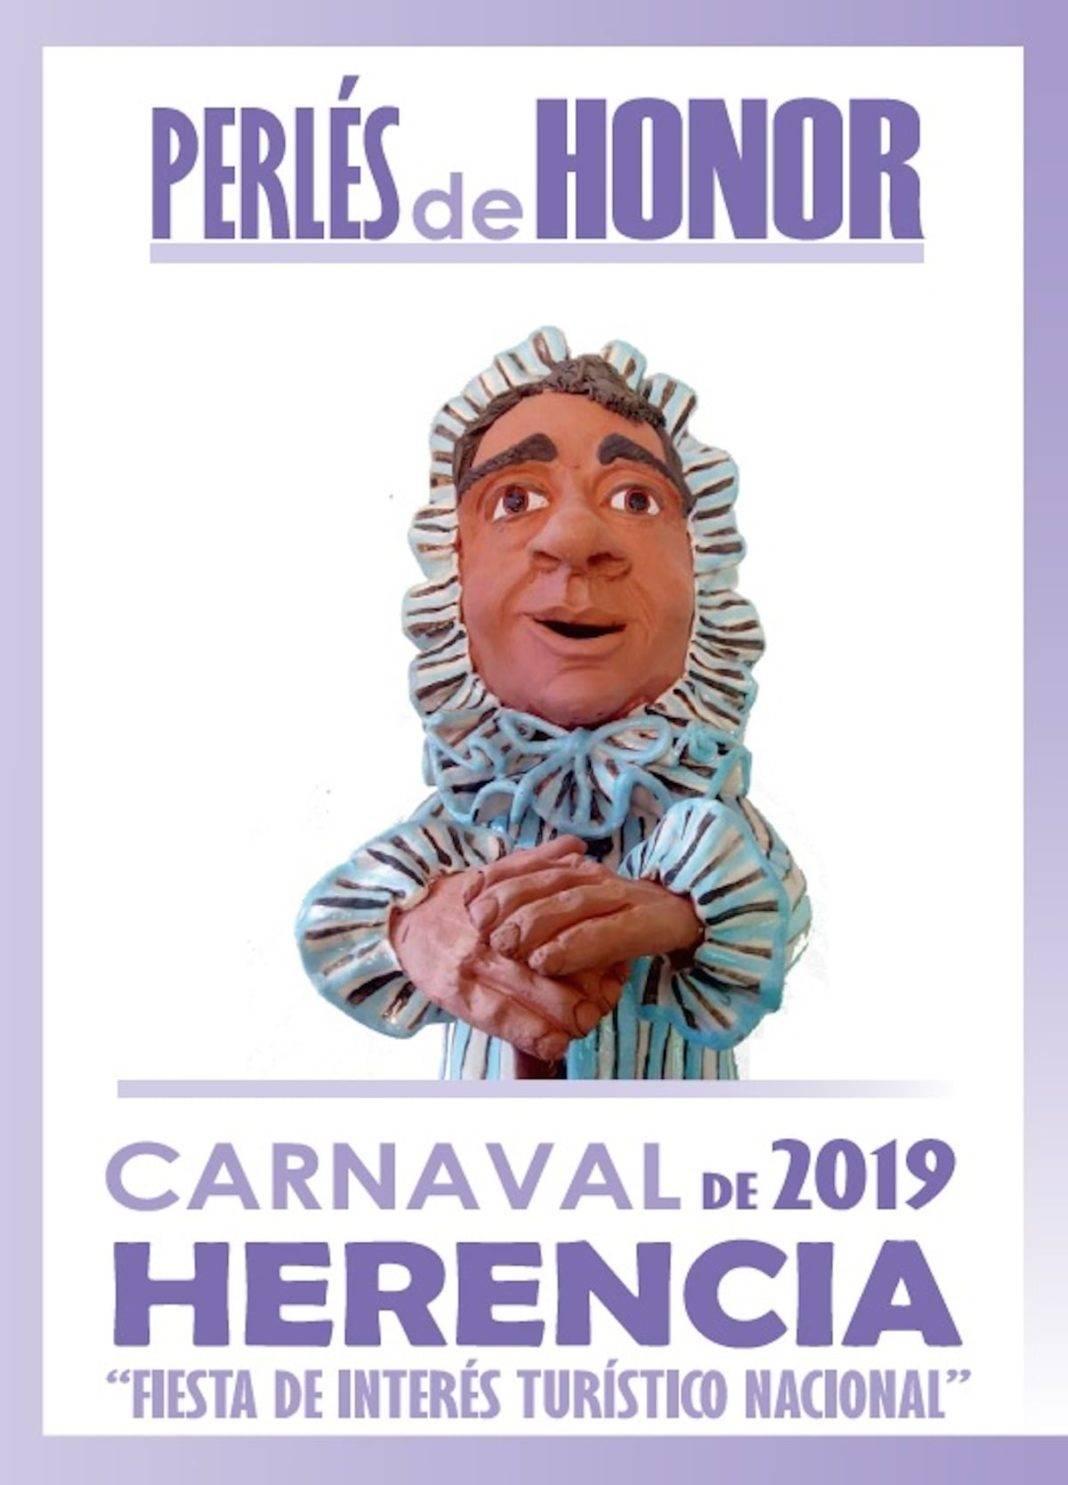 Abierto el plazo de presentación de candidaturas para los Perlés de Honor del Carnaval de Herencia 2019 7